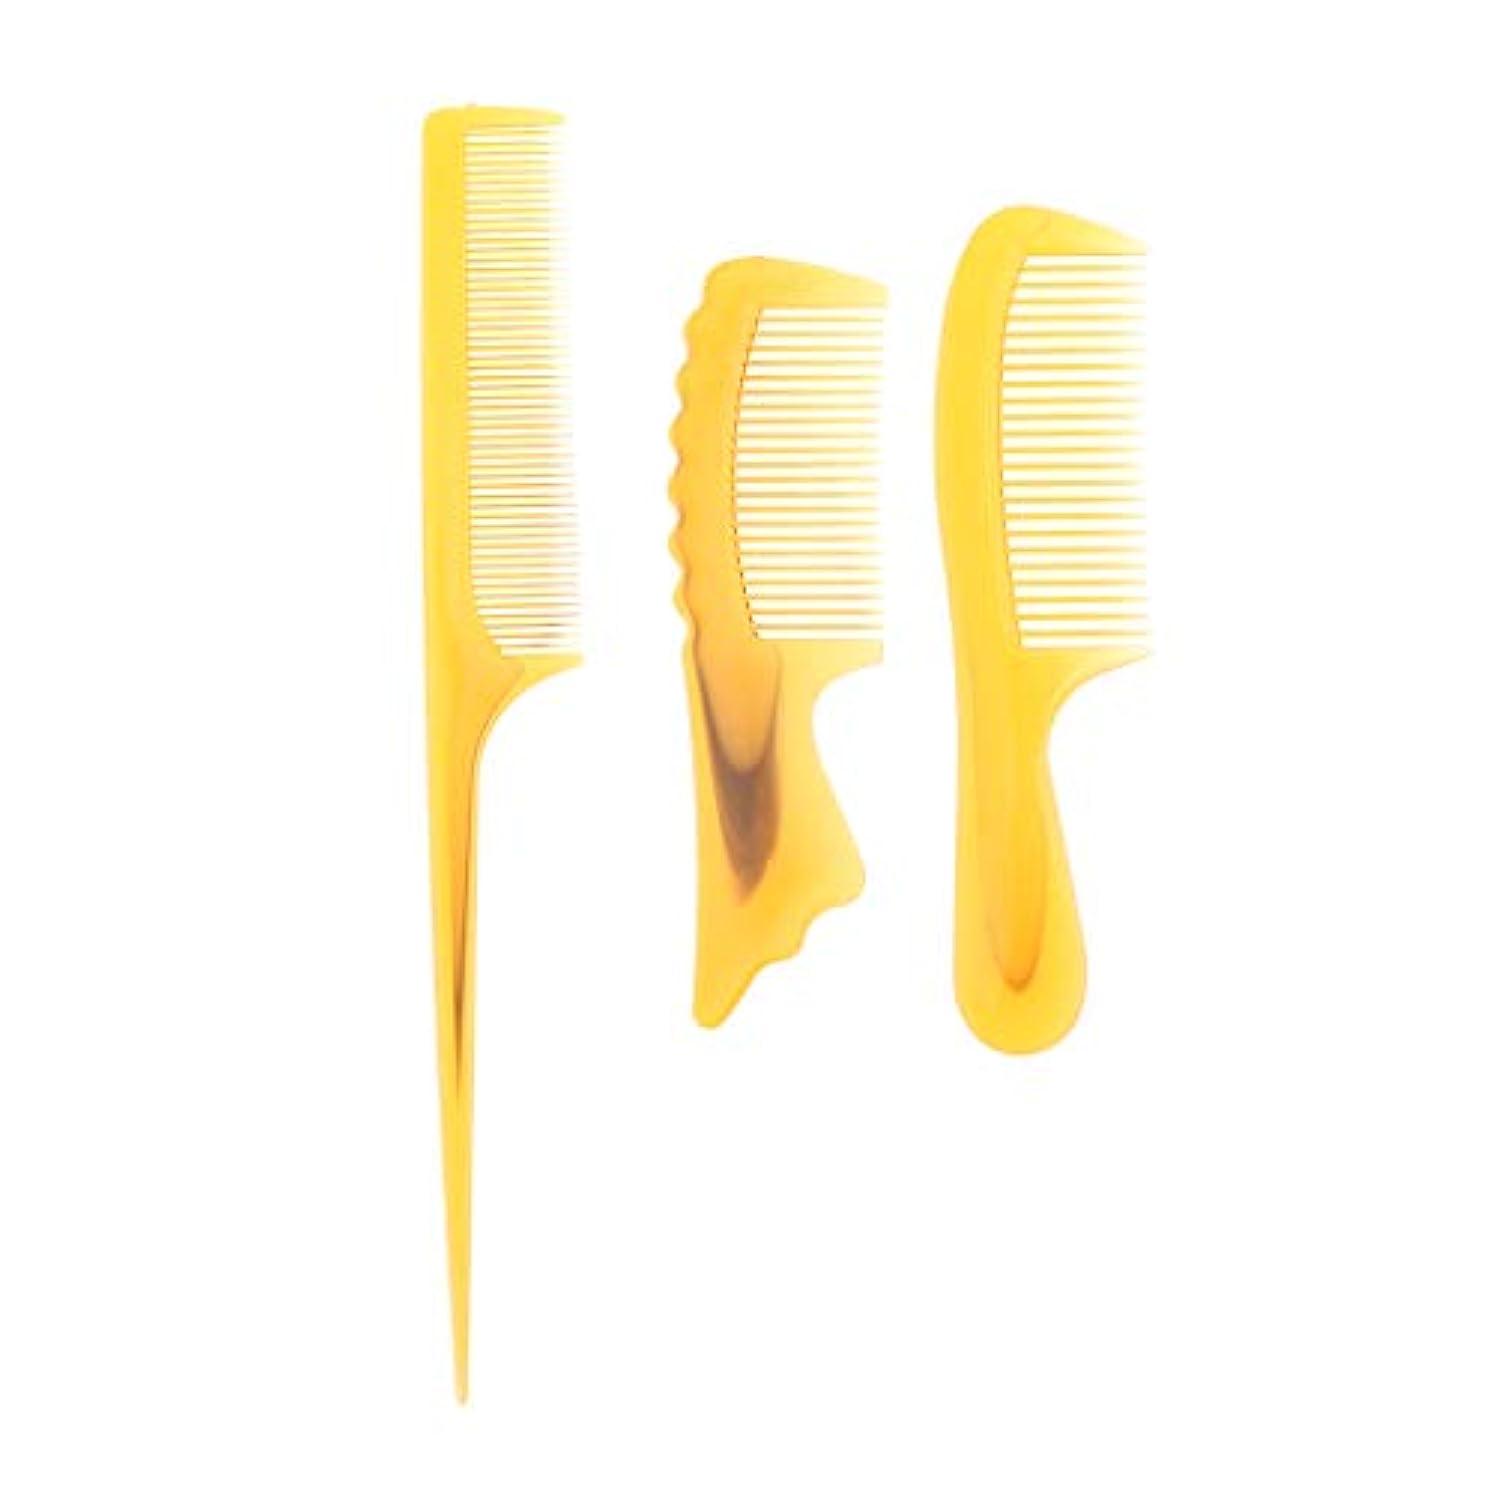 家庭タイトル不満B Baosity 3個 ヘアコーム 静電防止櫛 コーム 理髪 美容師 ヘアケア